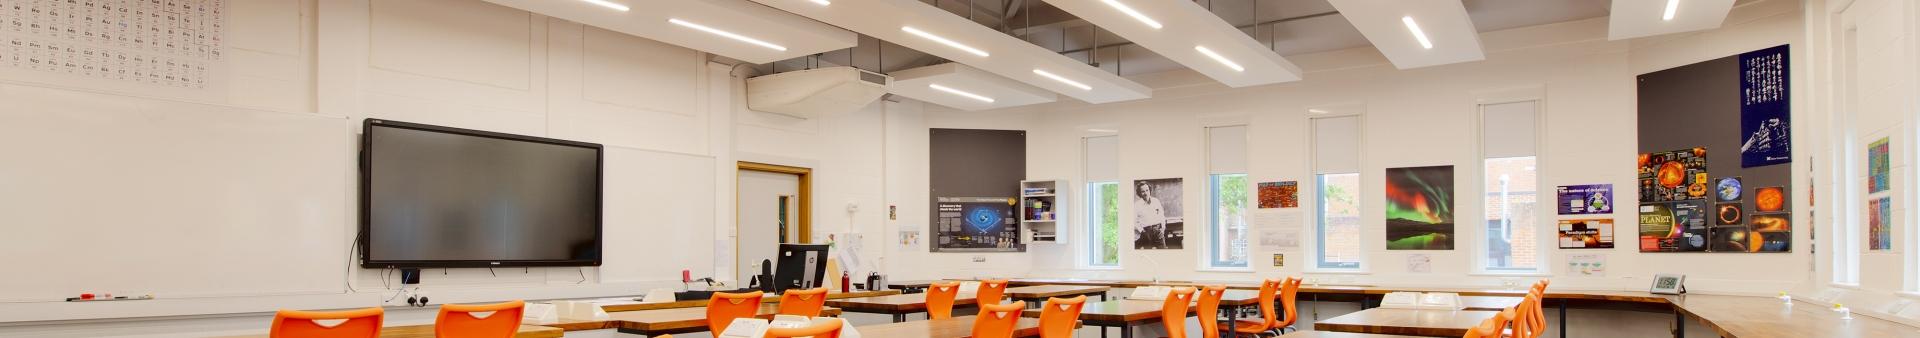 Radley College, Abingdon